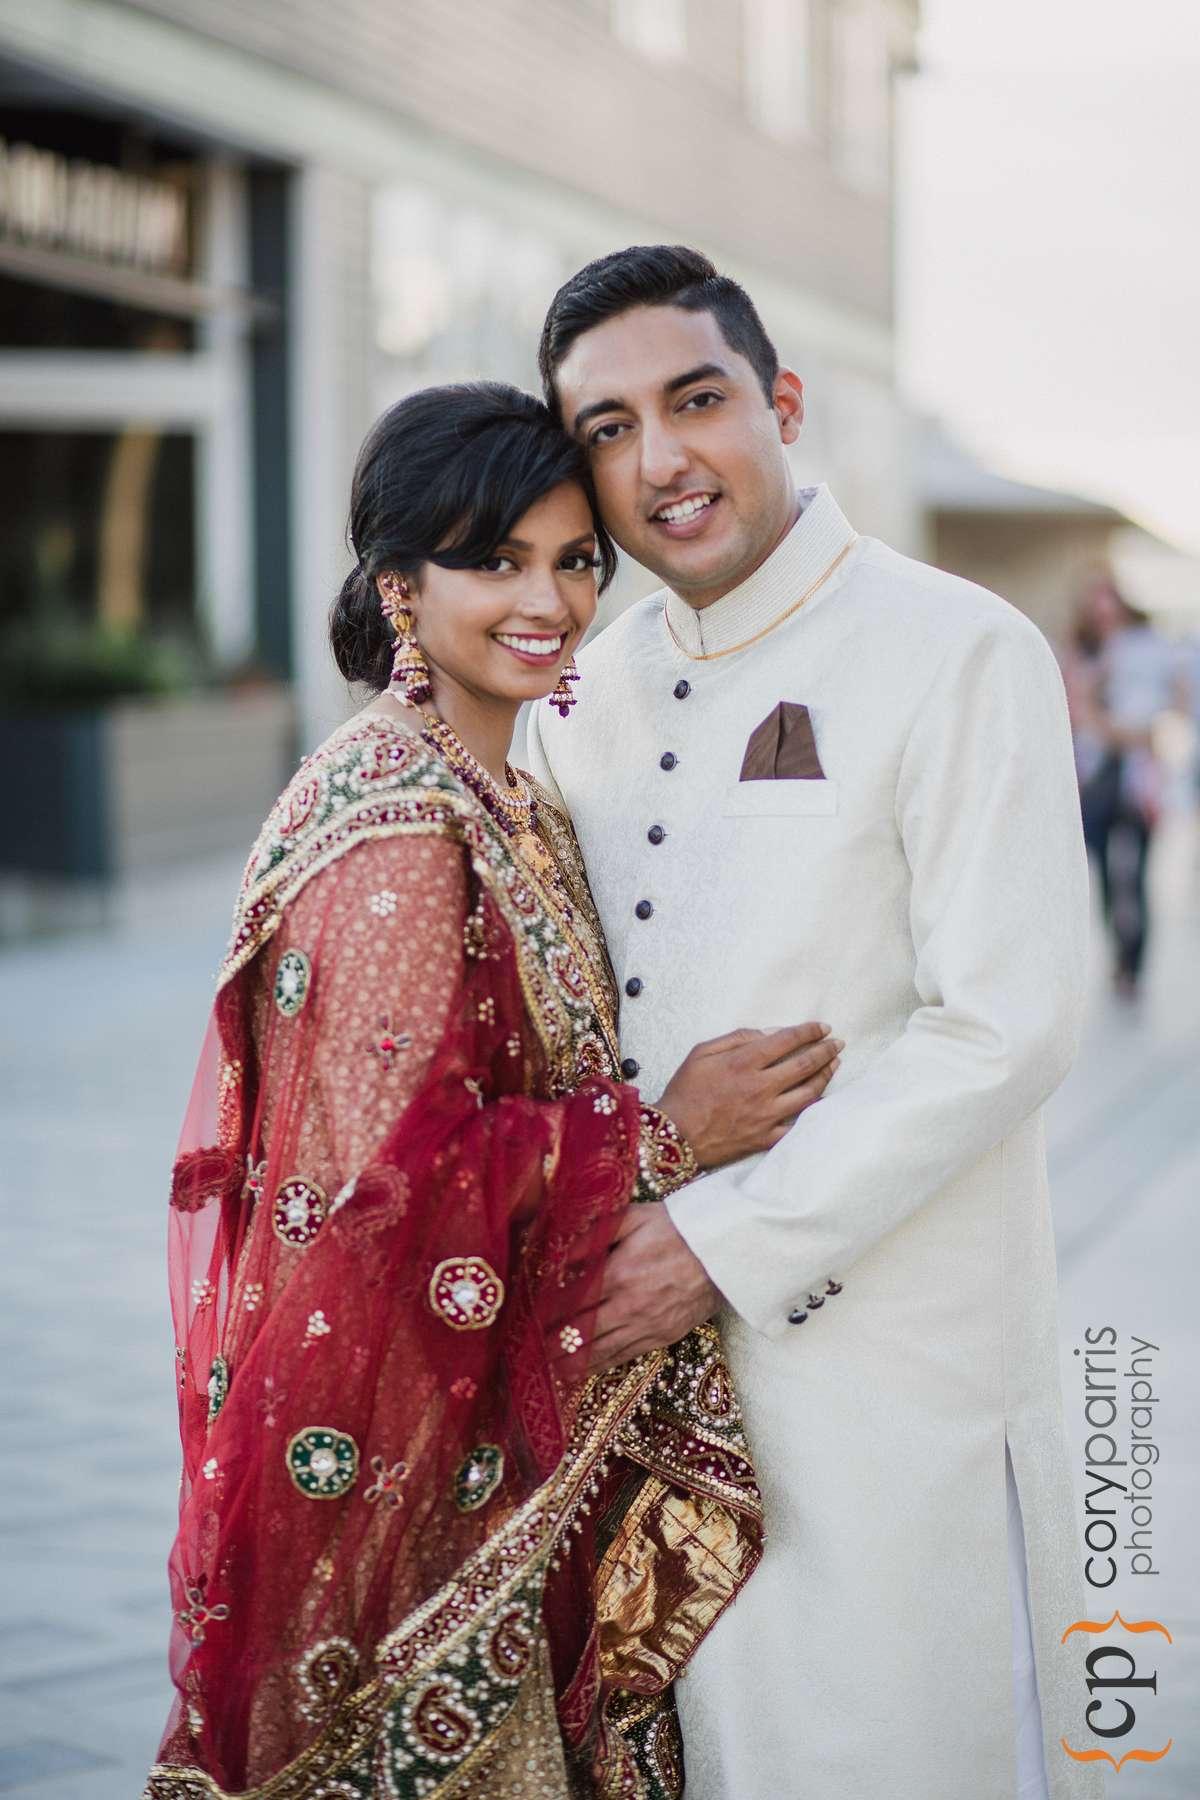 Indian couple Seattle portrait